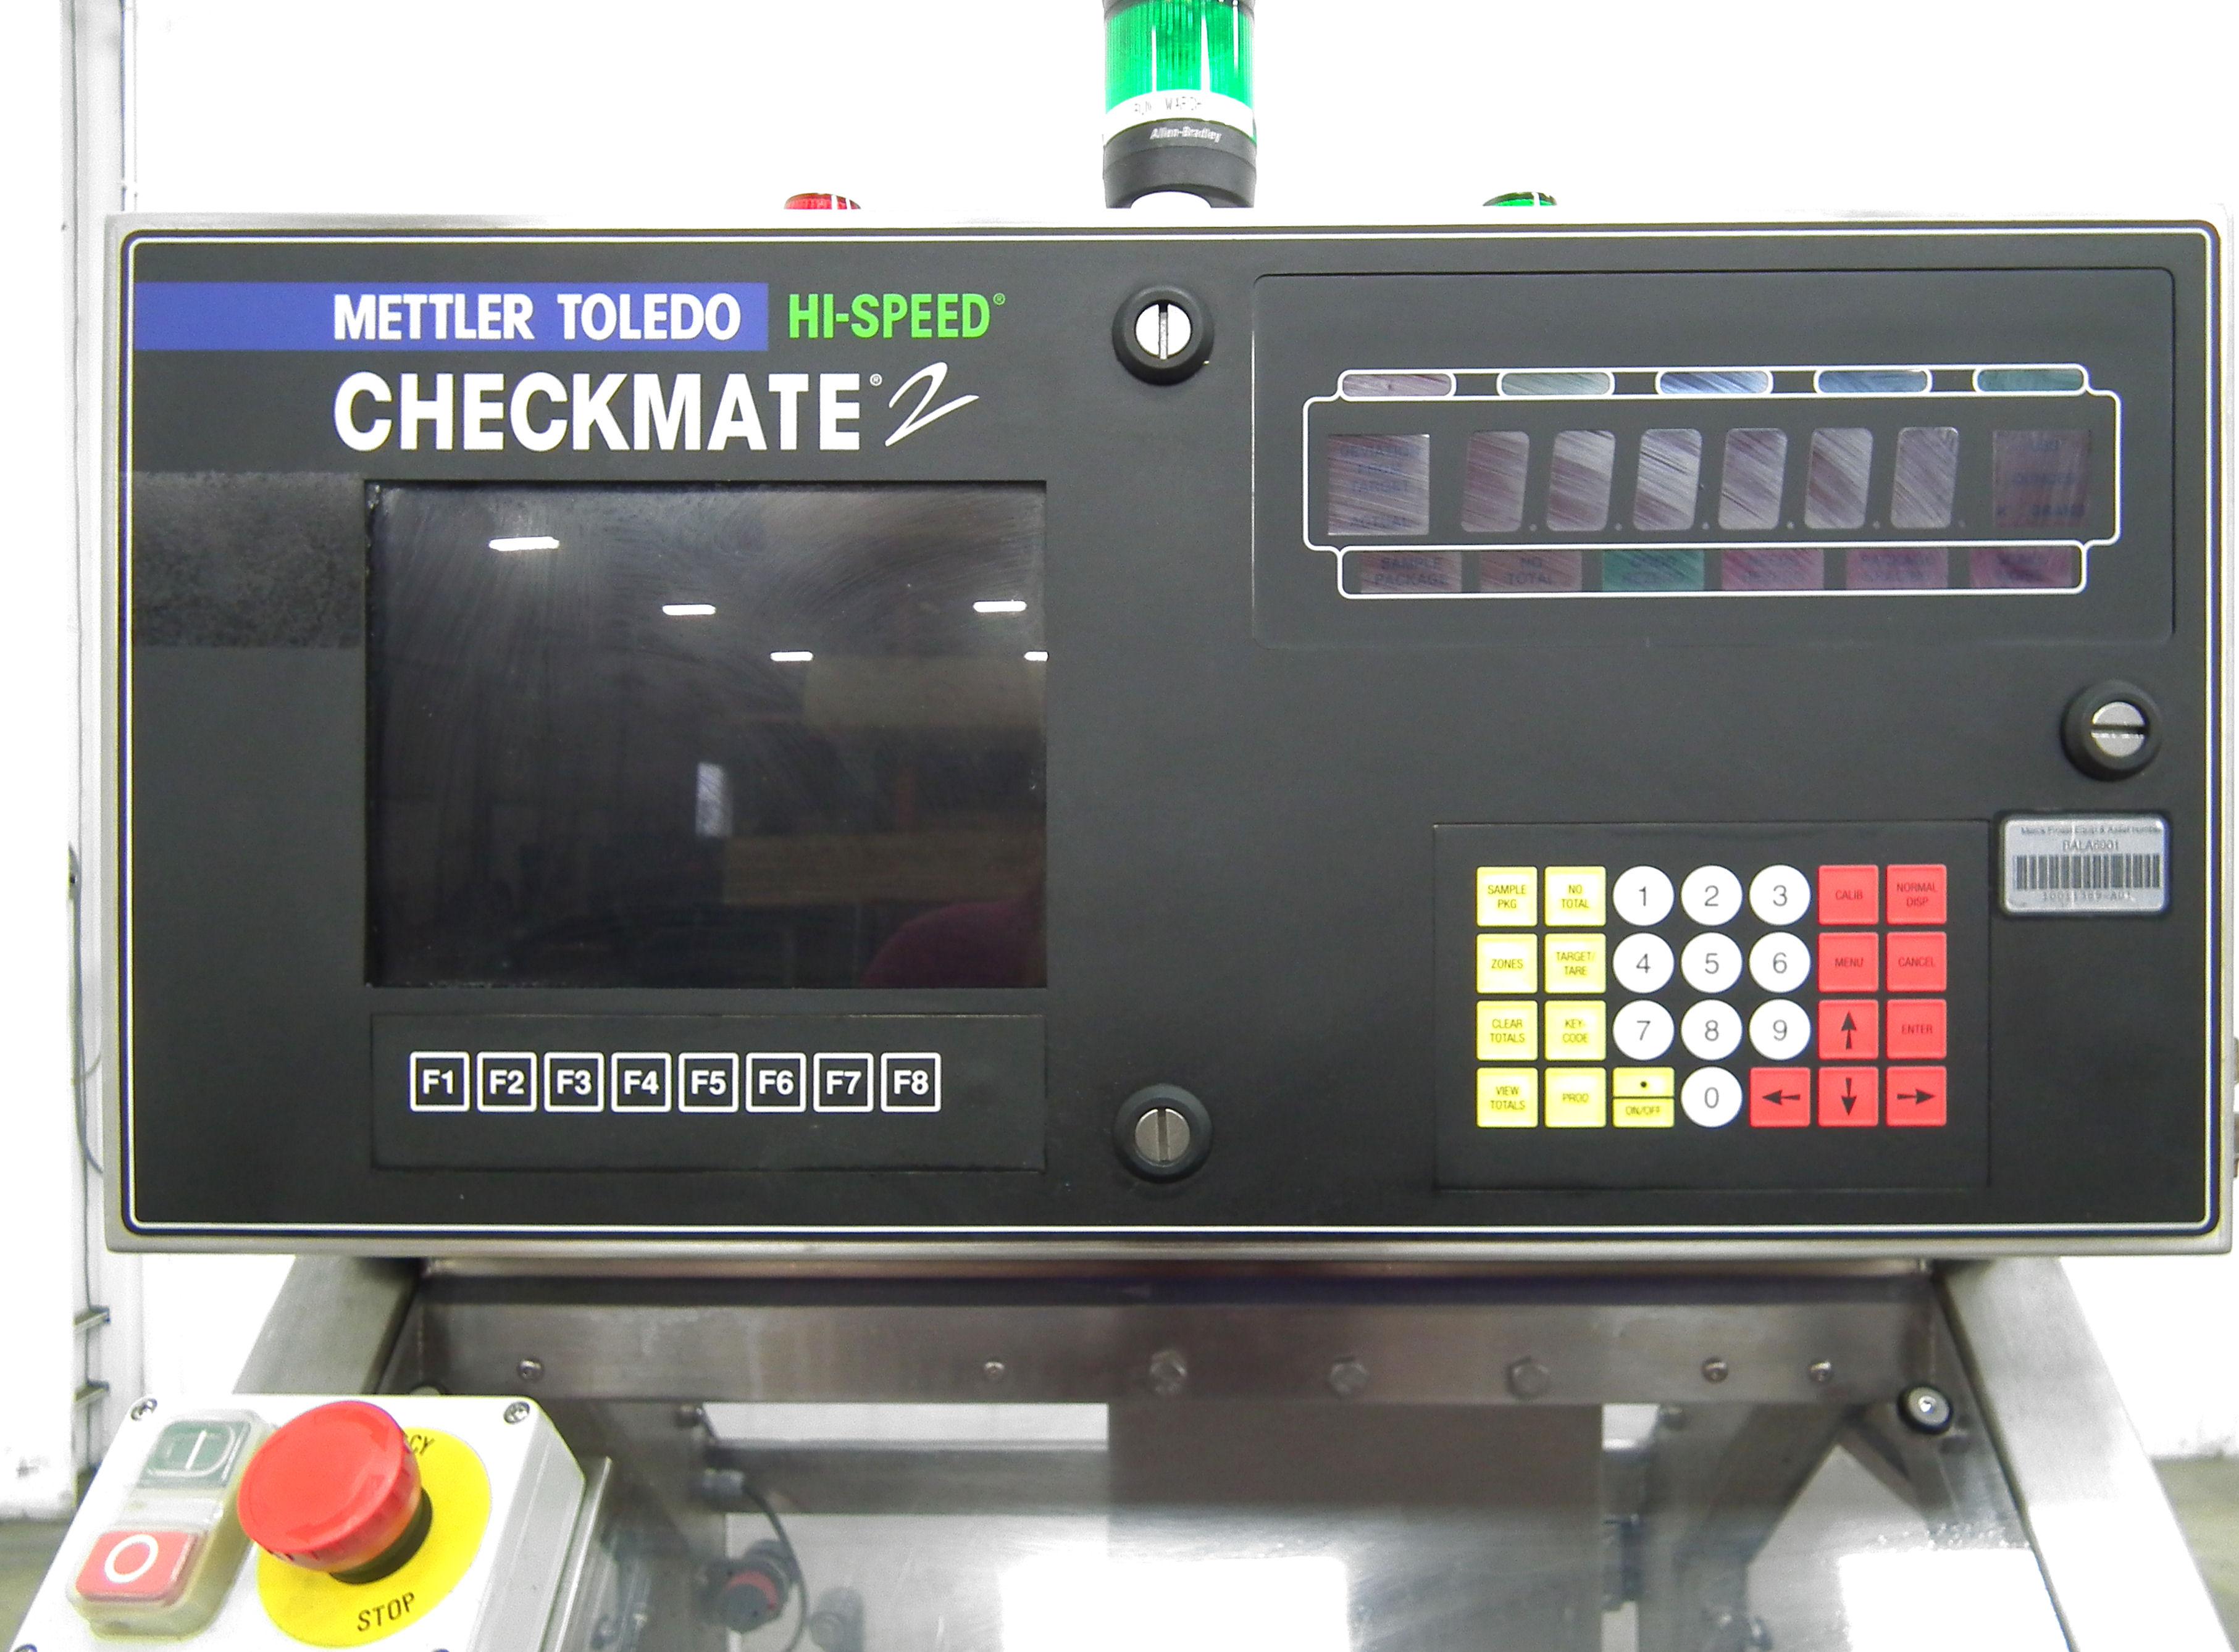 Mettler-Toledo Checkmate 2 Bottle Fill Detector B3171 - Image 7 of 10